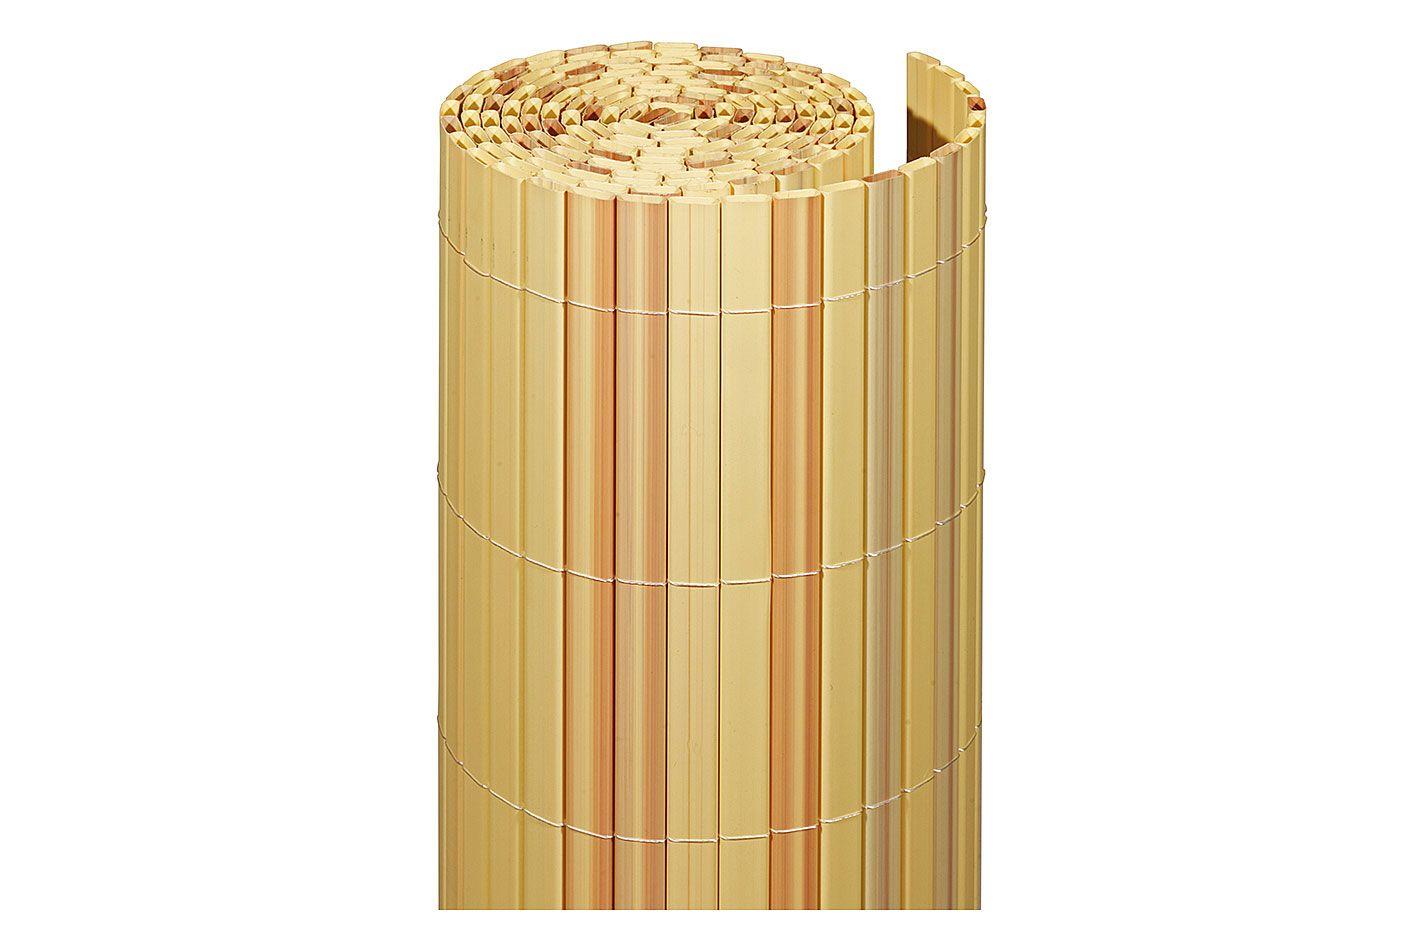 Balkonverkleidung Rügen bambus Balkonverkleidung, Balkon